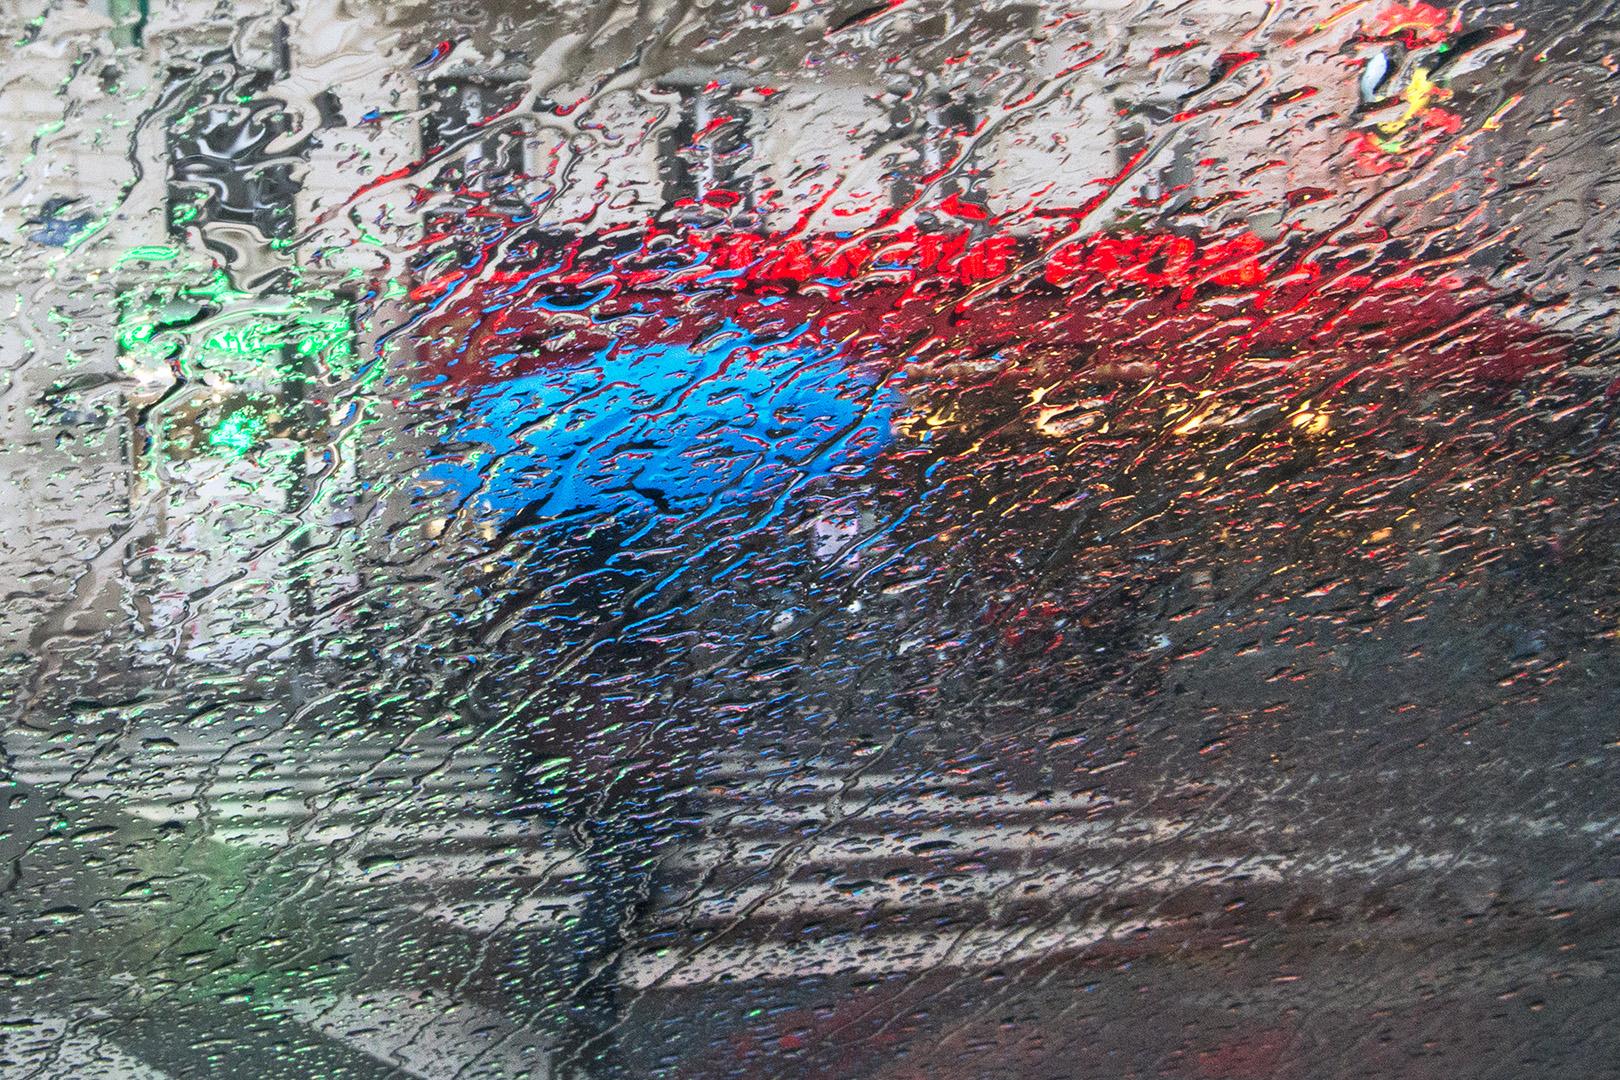 Sous une pluie abondante, le parapluie ressemble à une noix ou à un cerveau bleu. Harmonie en RVB